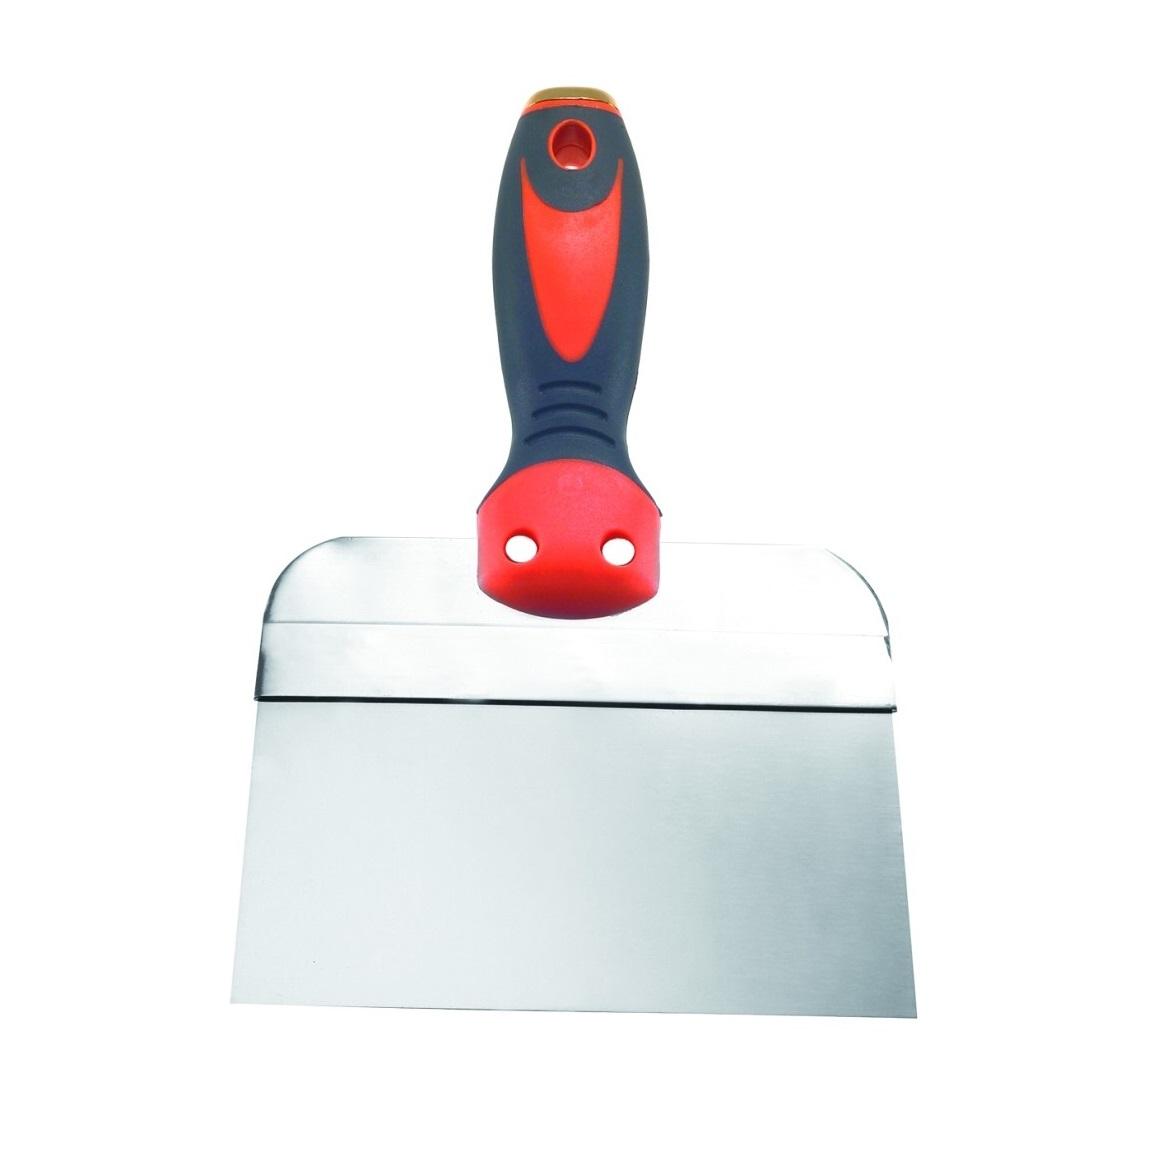 купить Шпатель полужесткий Kapriol, с ручкой Progrip, нержавеющая сталь, 10 см по цене 424 рублей